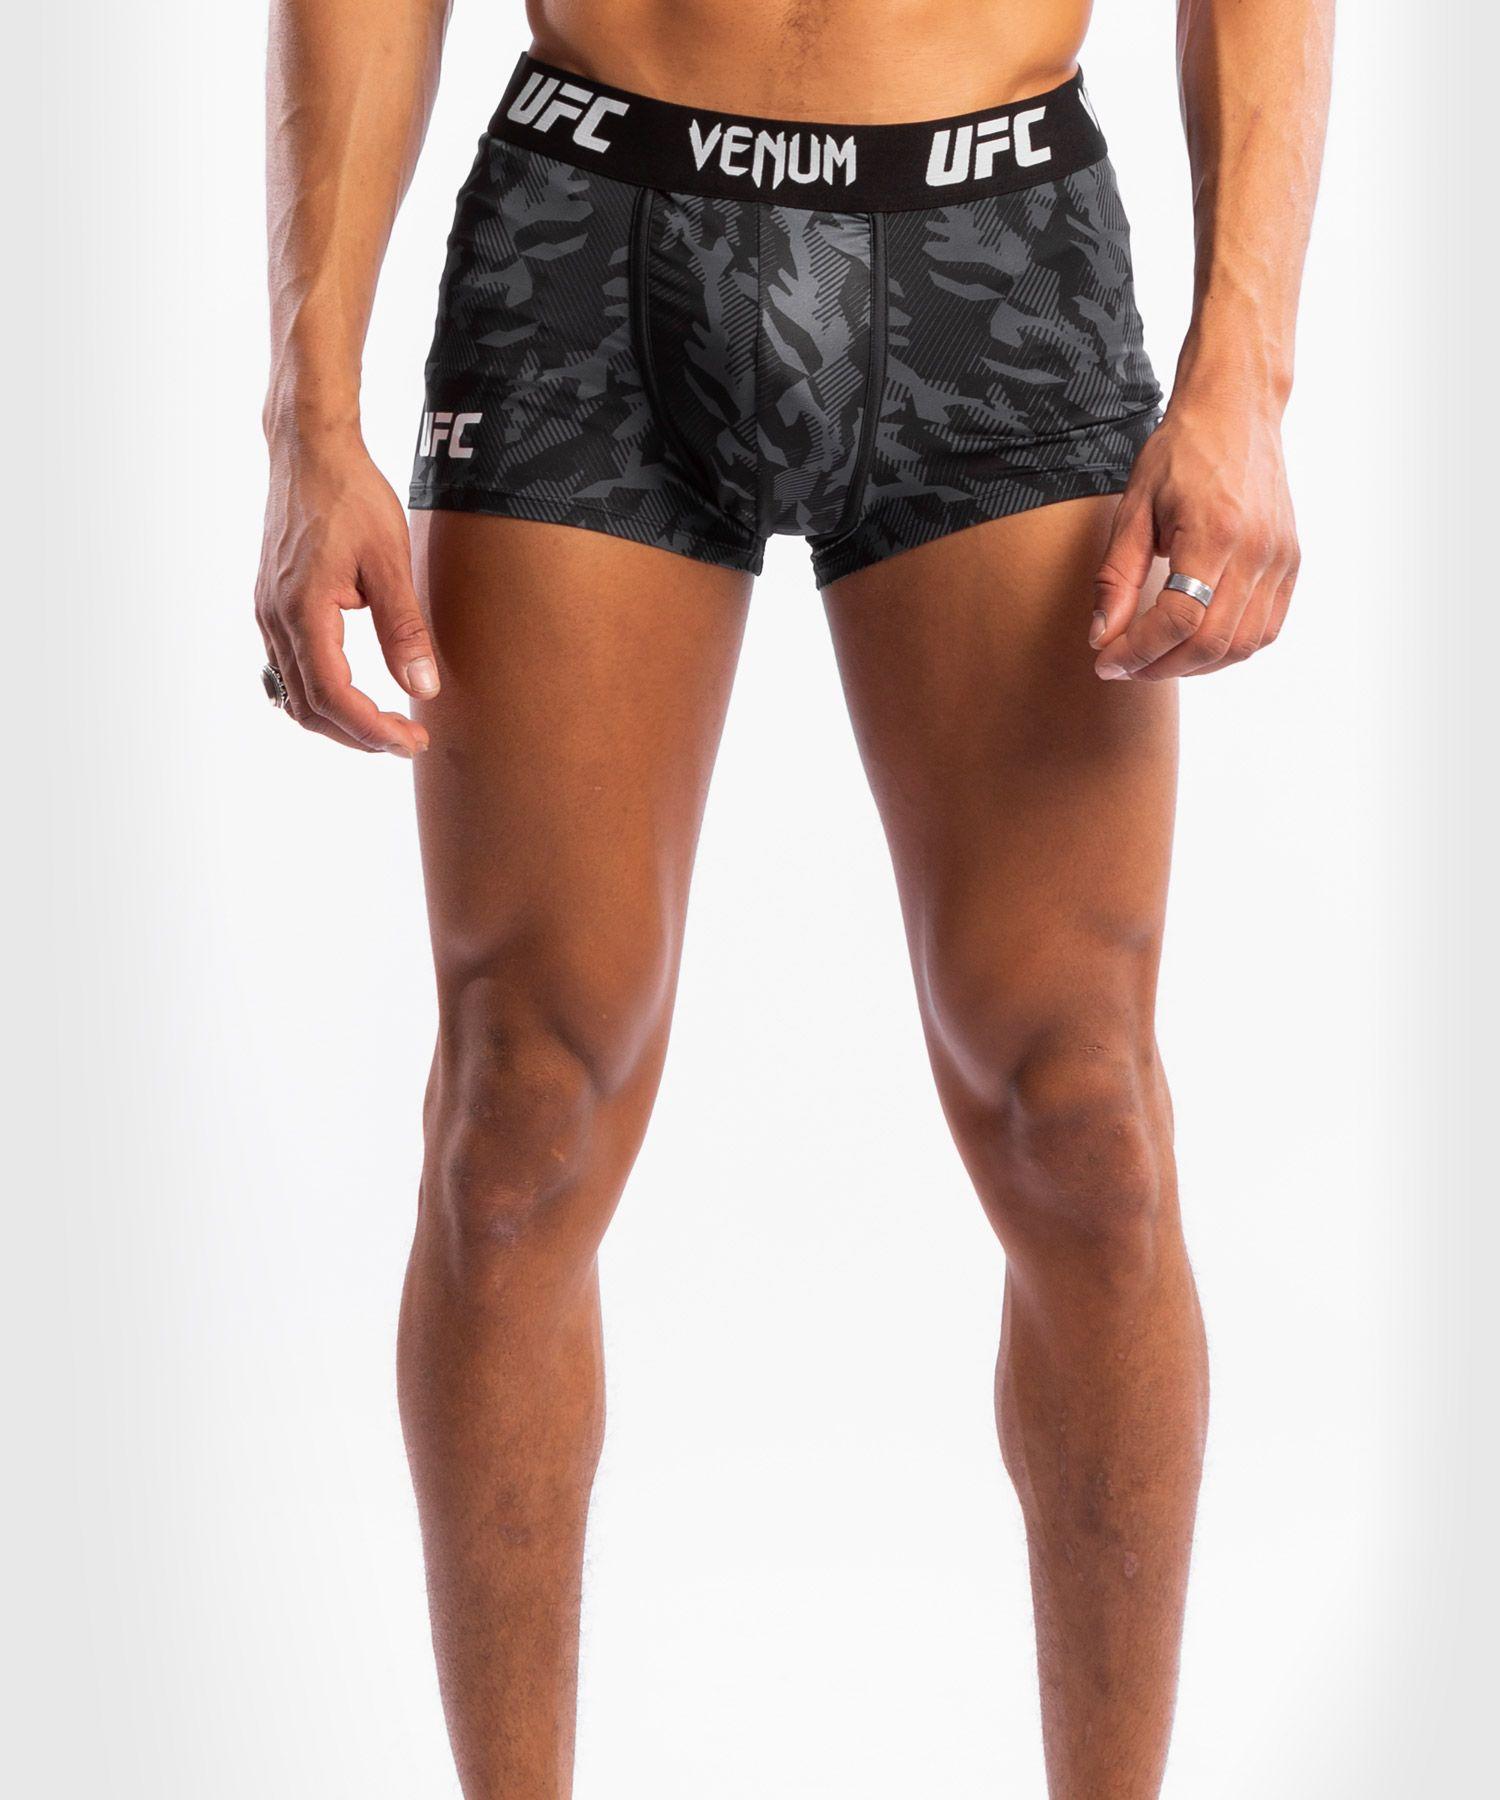 UFC Venum Authentic Fight Week Men's Weigh-in Underwear - Black